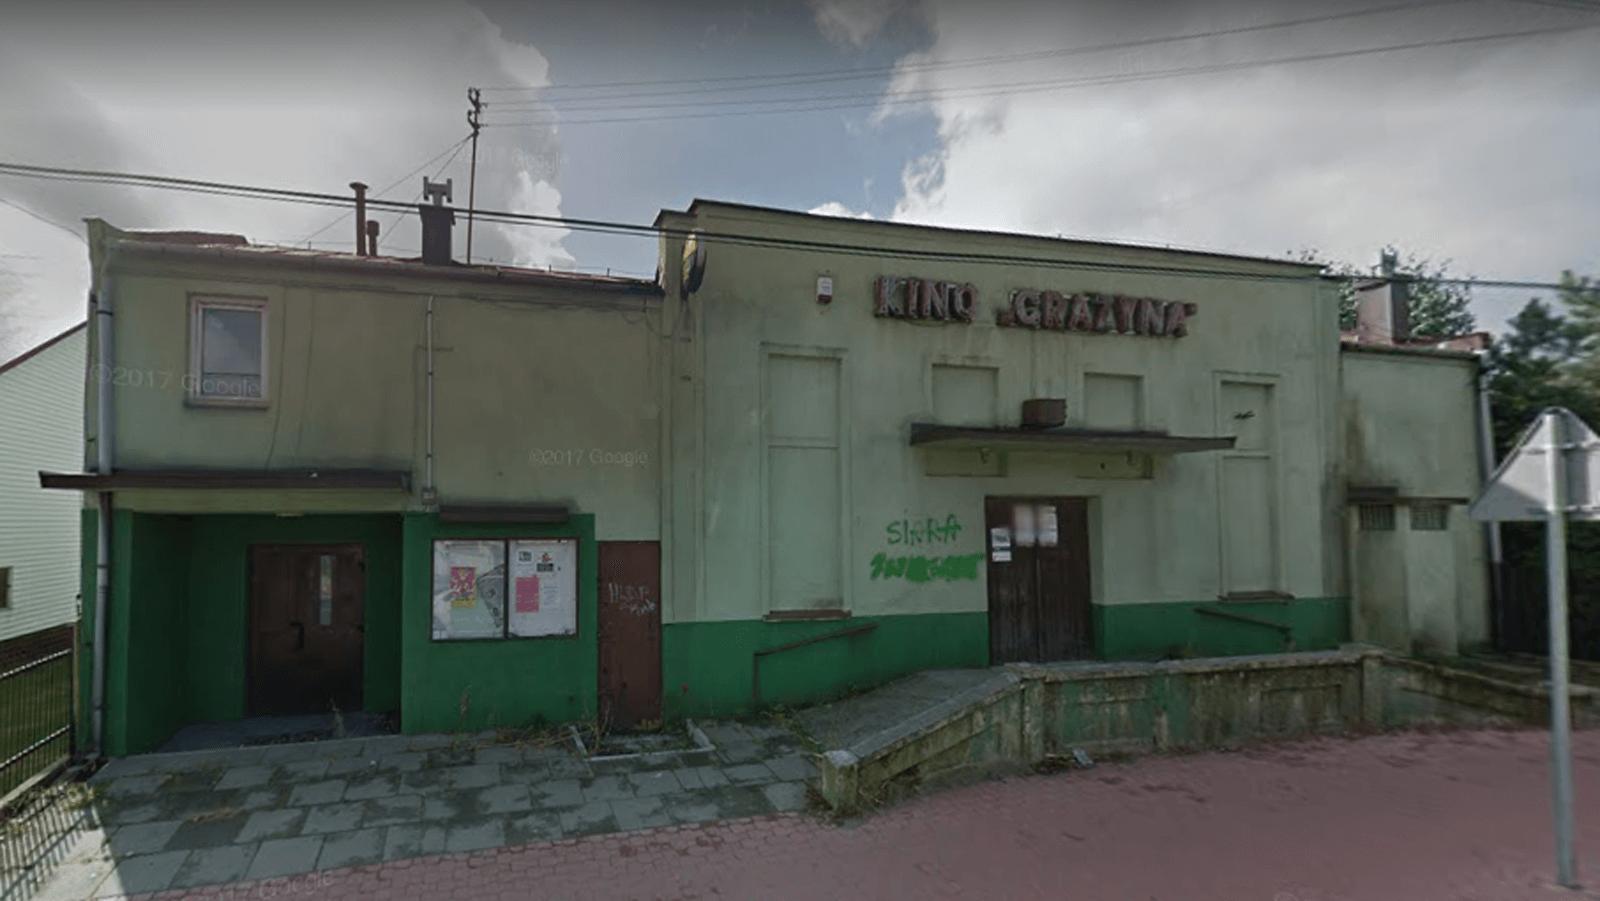 Kino Grażyna i dużo zieleni. Kolbuszowa w kadrach Google Street View [ZDJĘCIA] - Zdjęcie główne